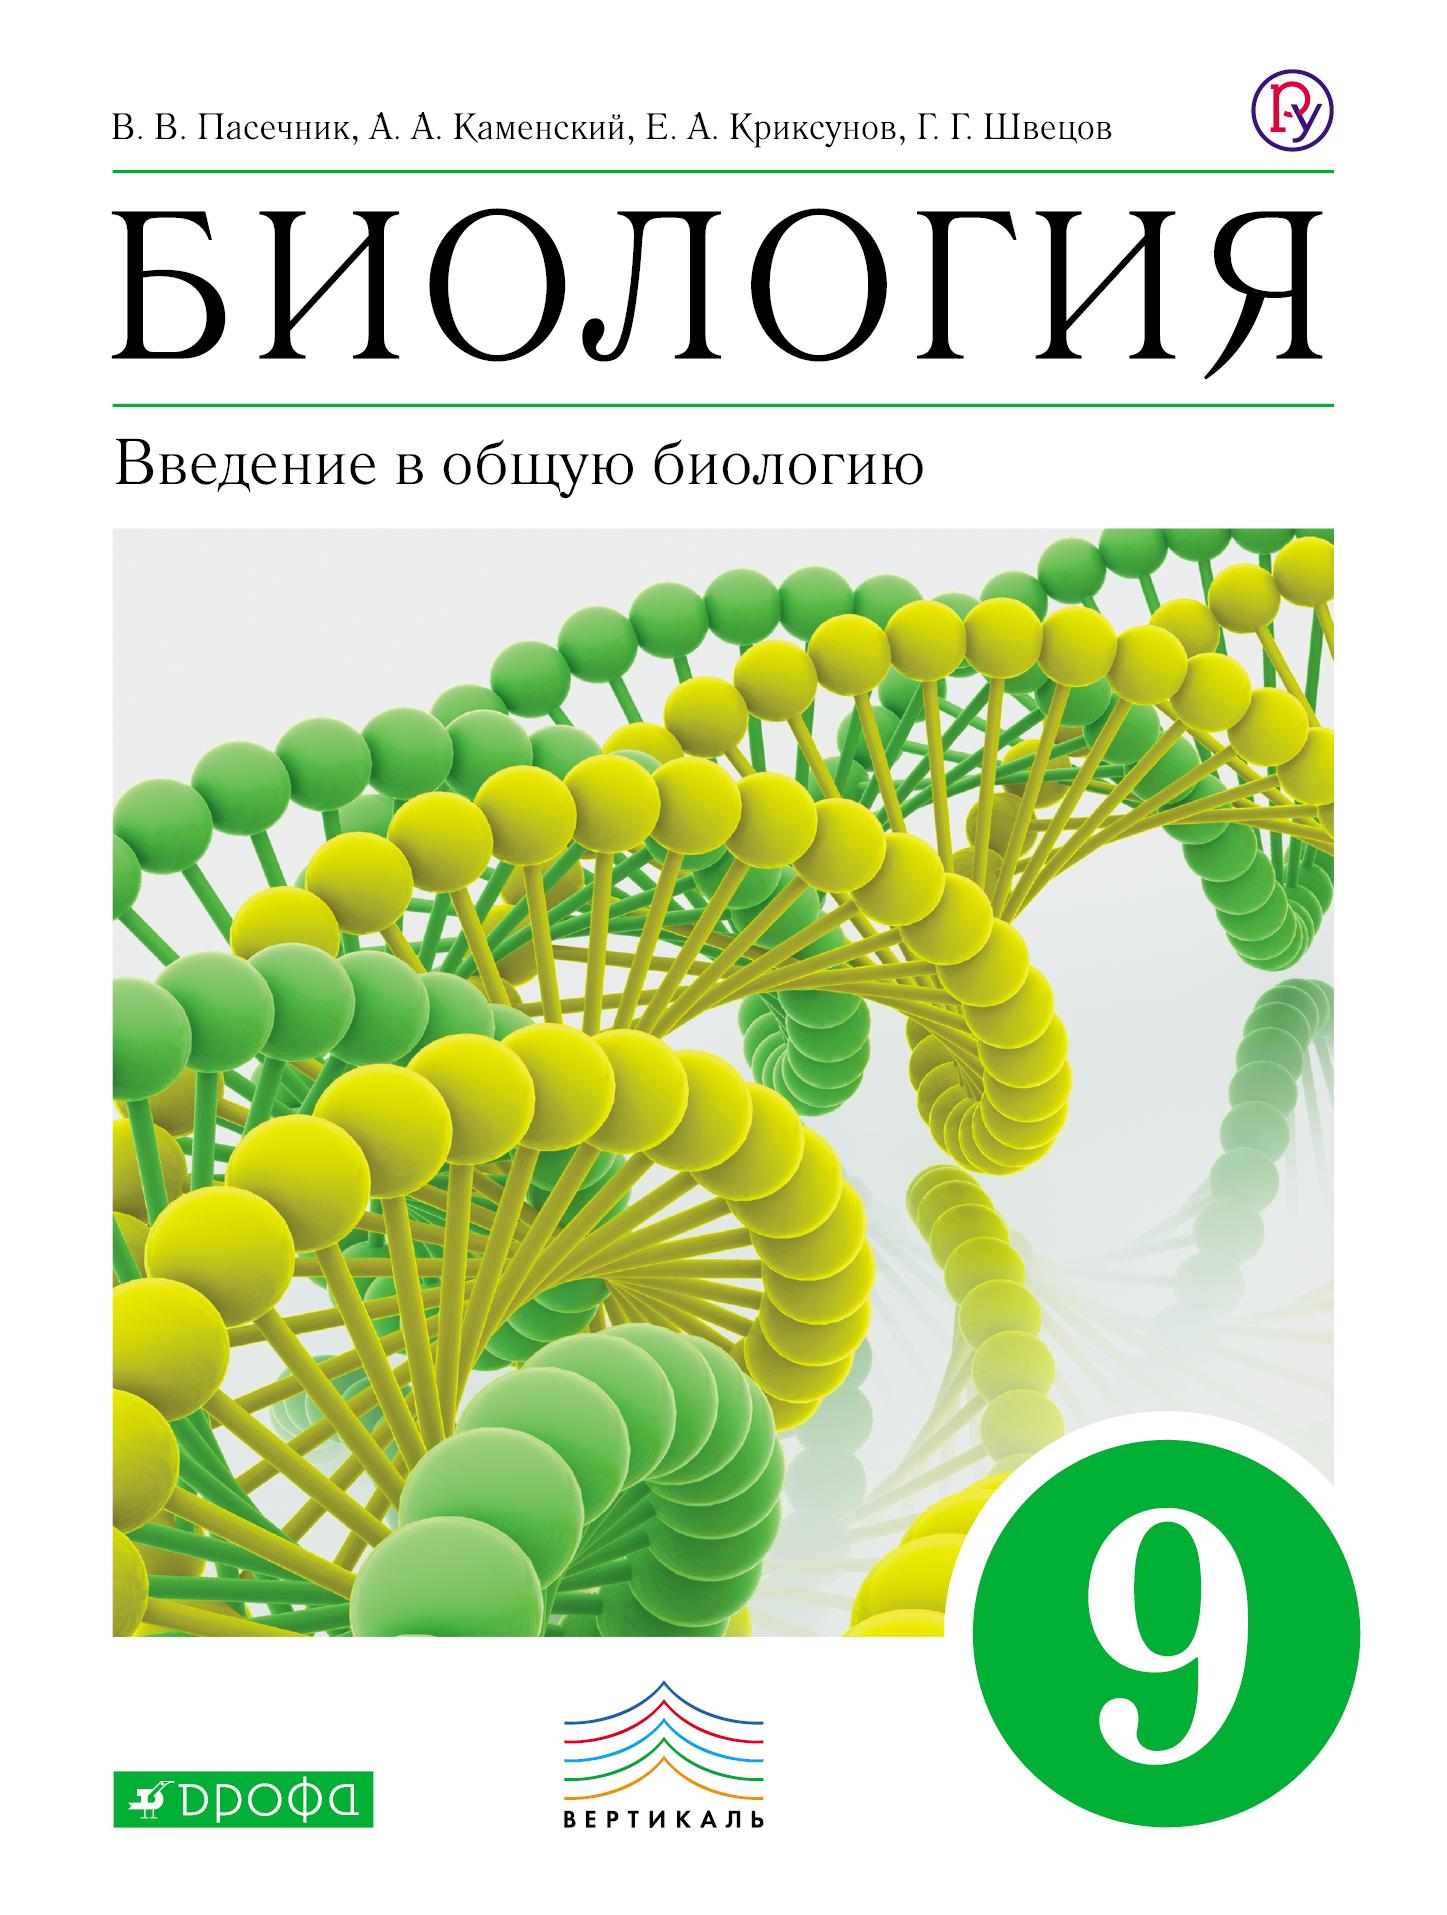 Введение в общую биологию.9 класс. Учебник. ВЕРТИКАЛЬ